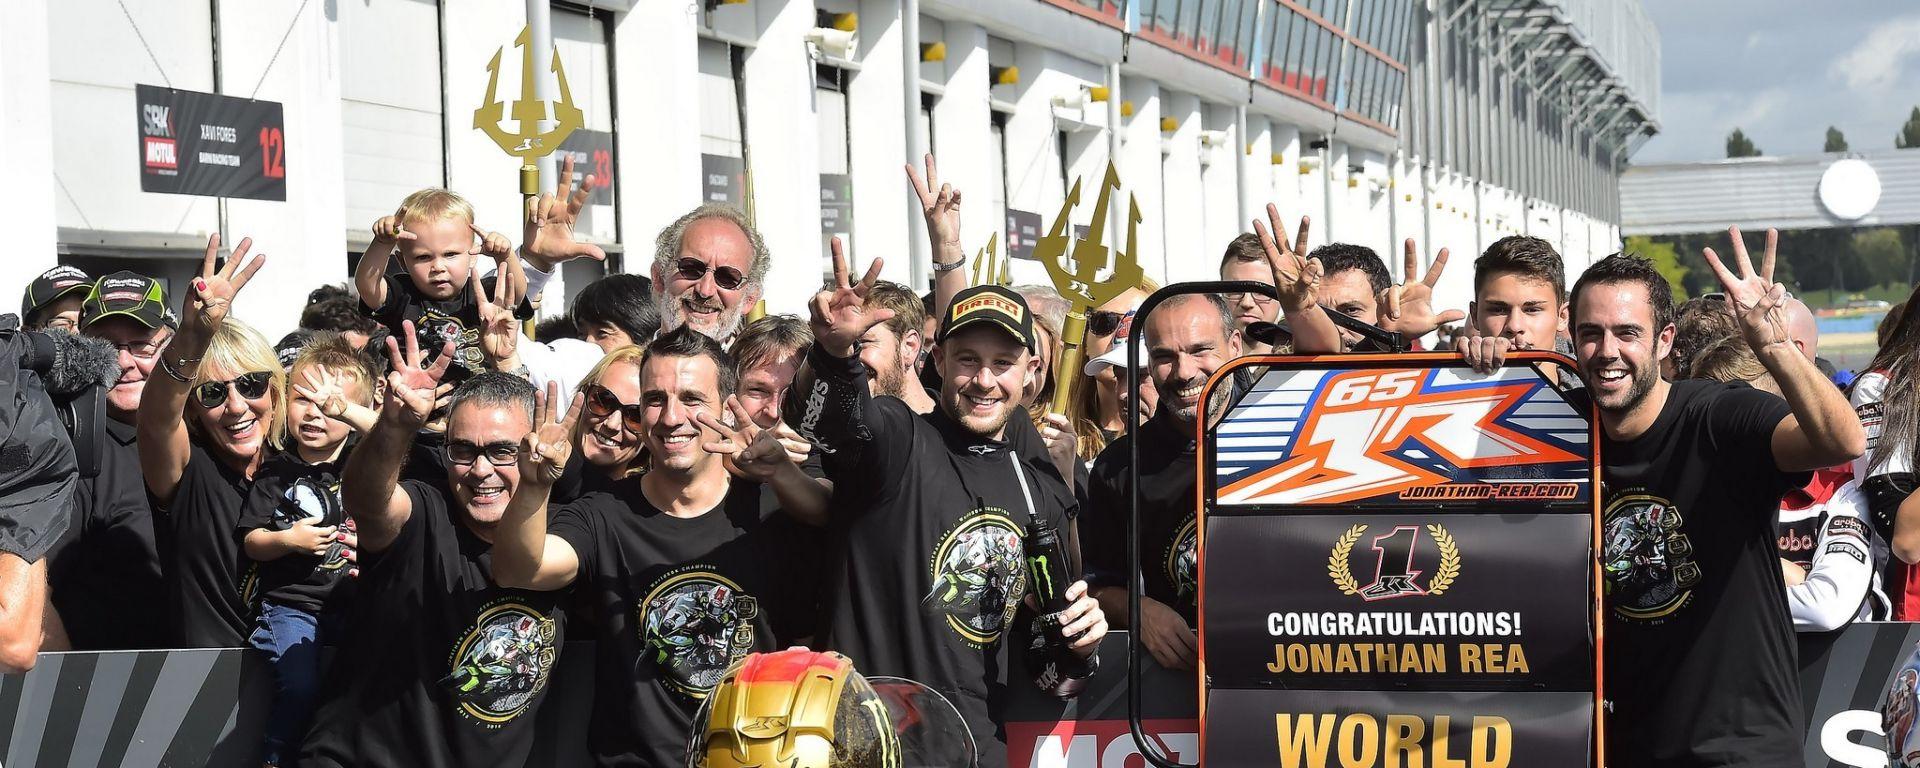 SBK 2017: Jonathan Rea per la terza volta Campione del Mondo!